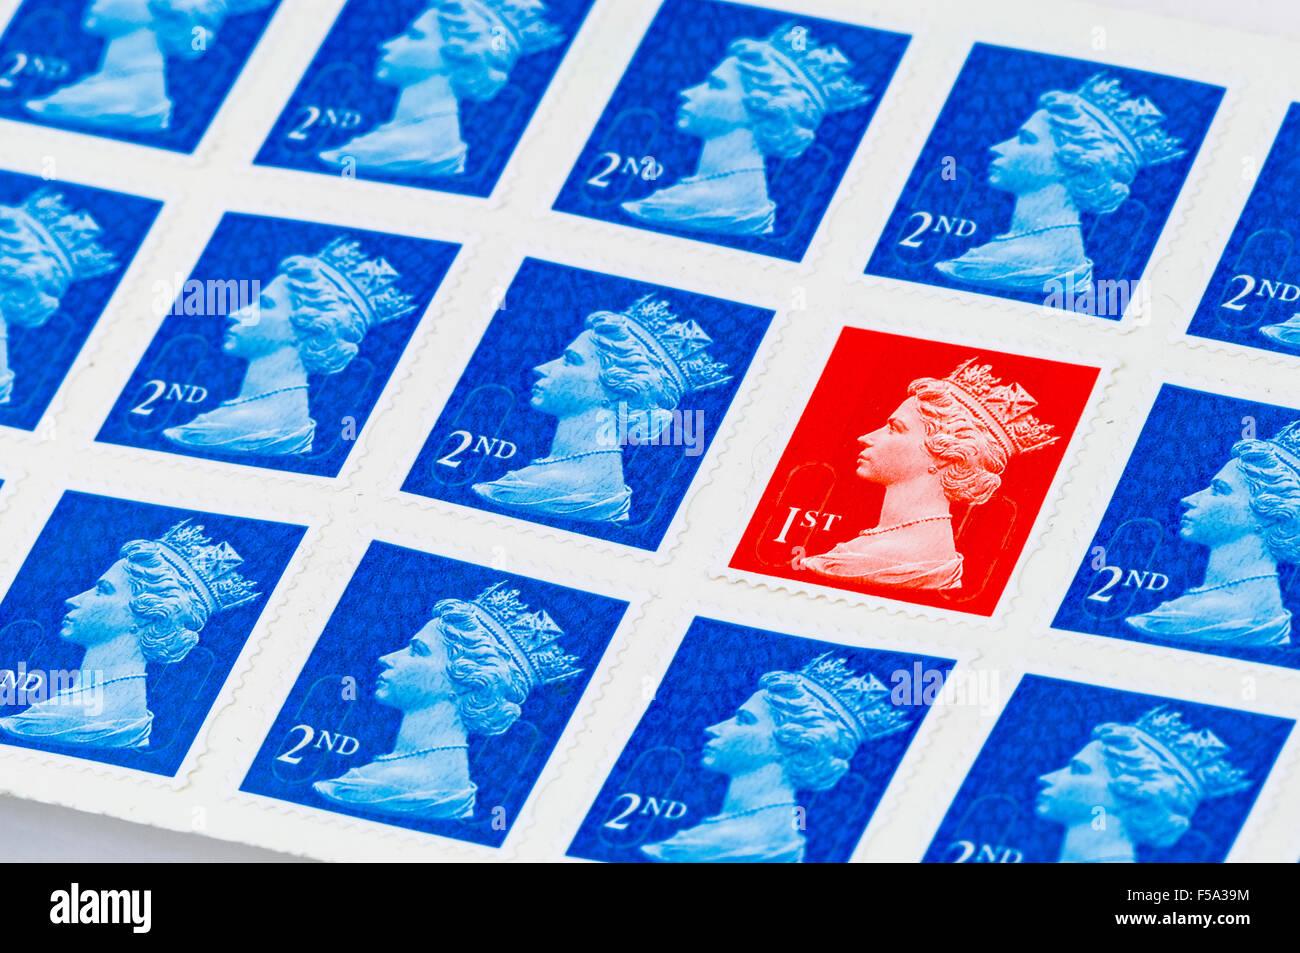 Un premier timbre Royal Mail 1ère classe deuxième parmi les timbres de 2ème classe Photo Stock